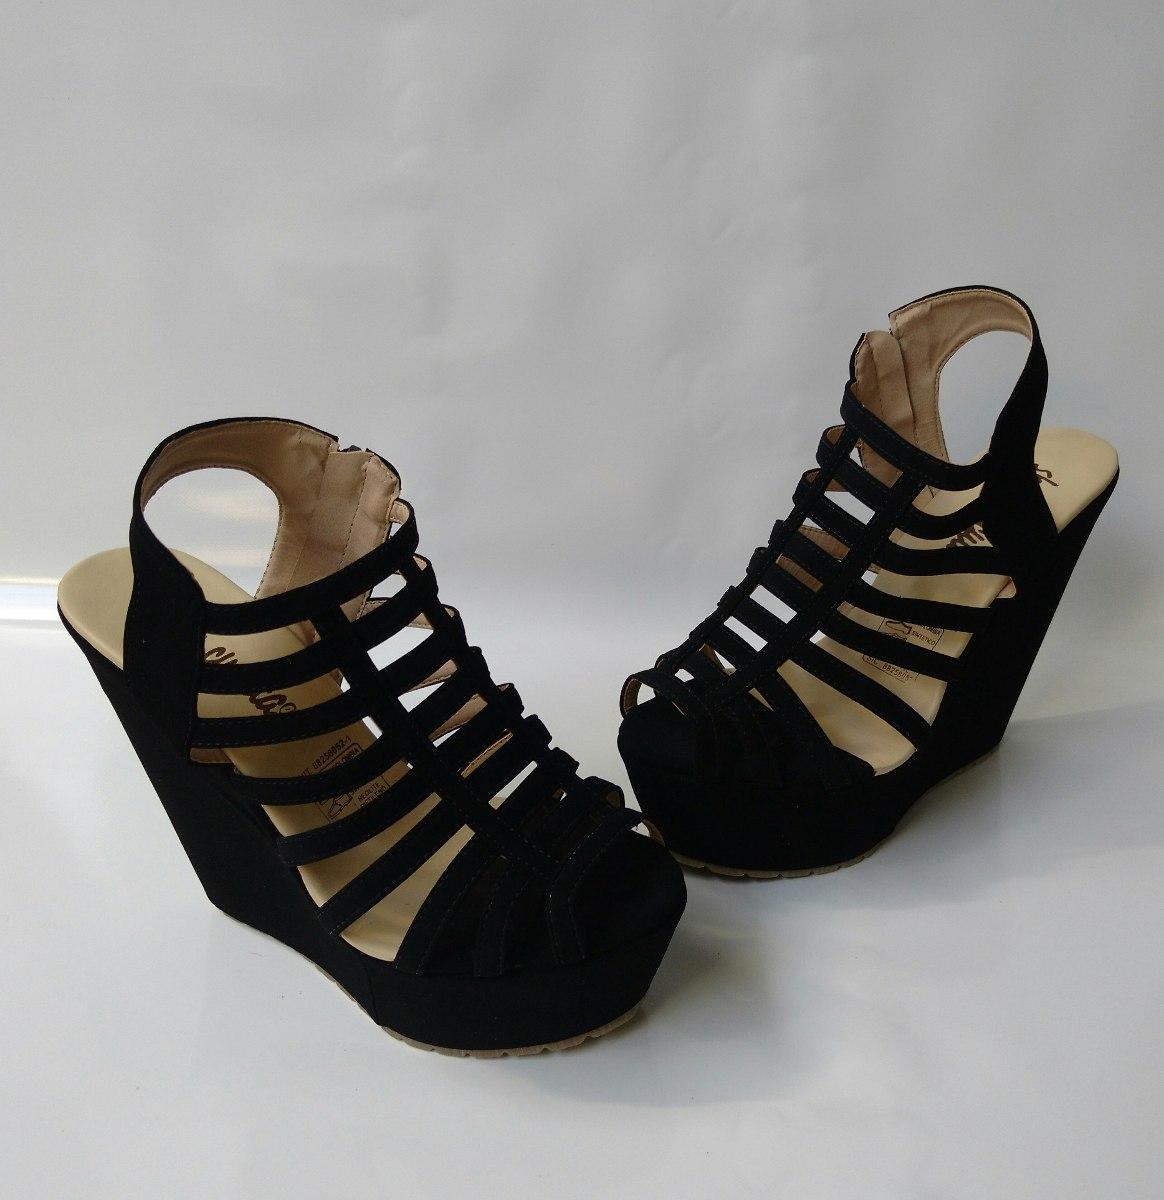 the latest 8cfc2 7ea26 zapatos-negros-mujer -tacon-corrido-plataforma-envio-gratis-D NQ NP 629115-MCO25168566632 112016- F.jpg